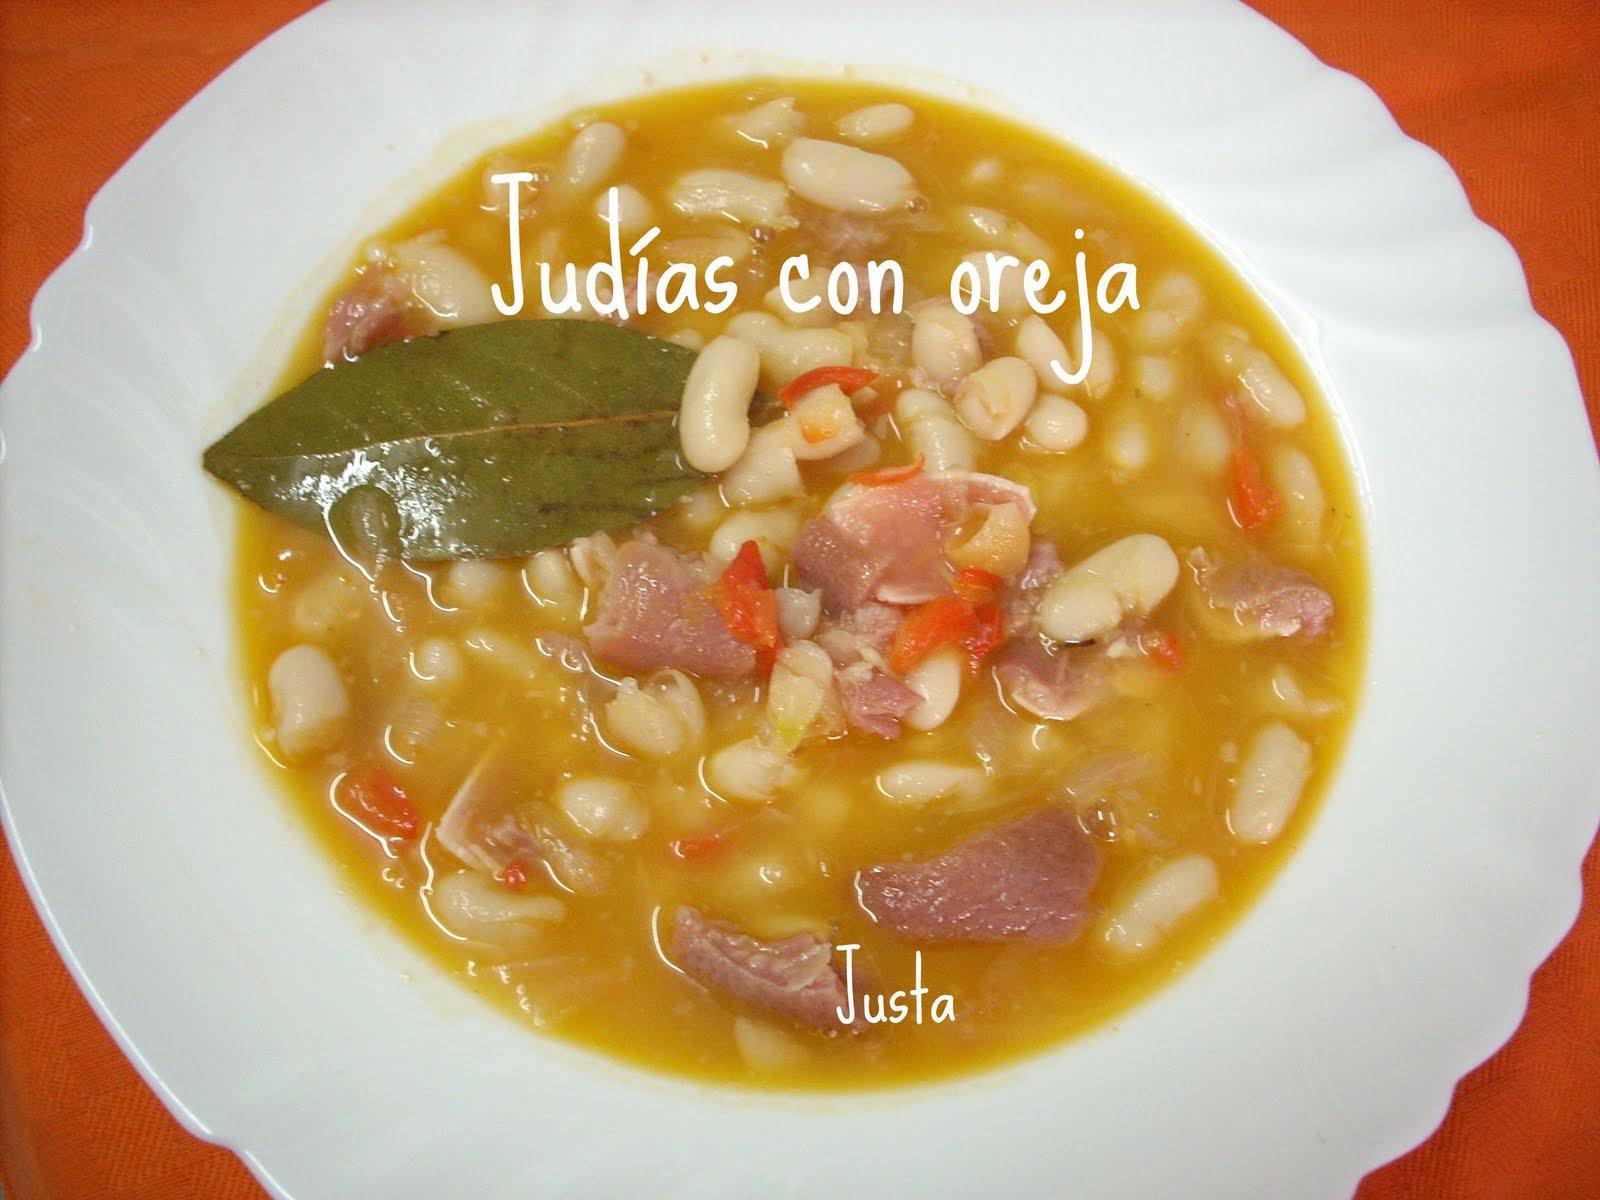 judias oreja: